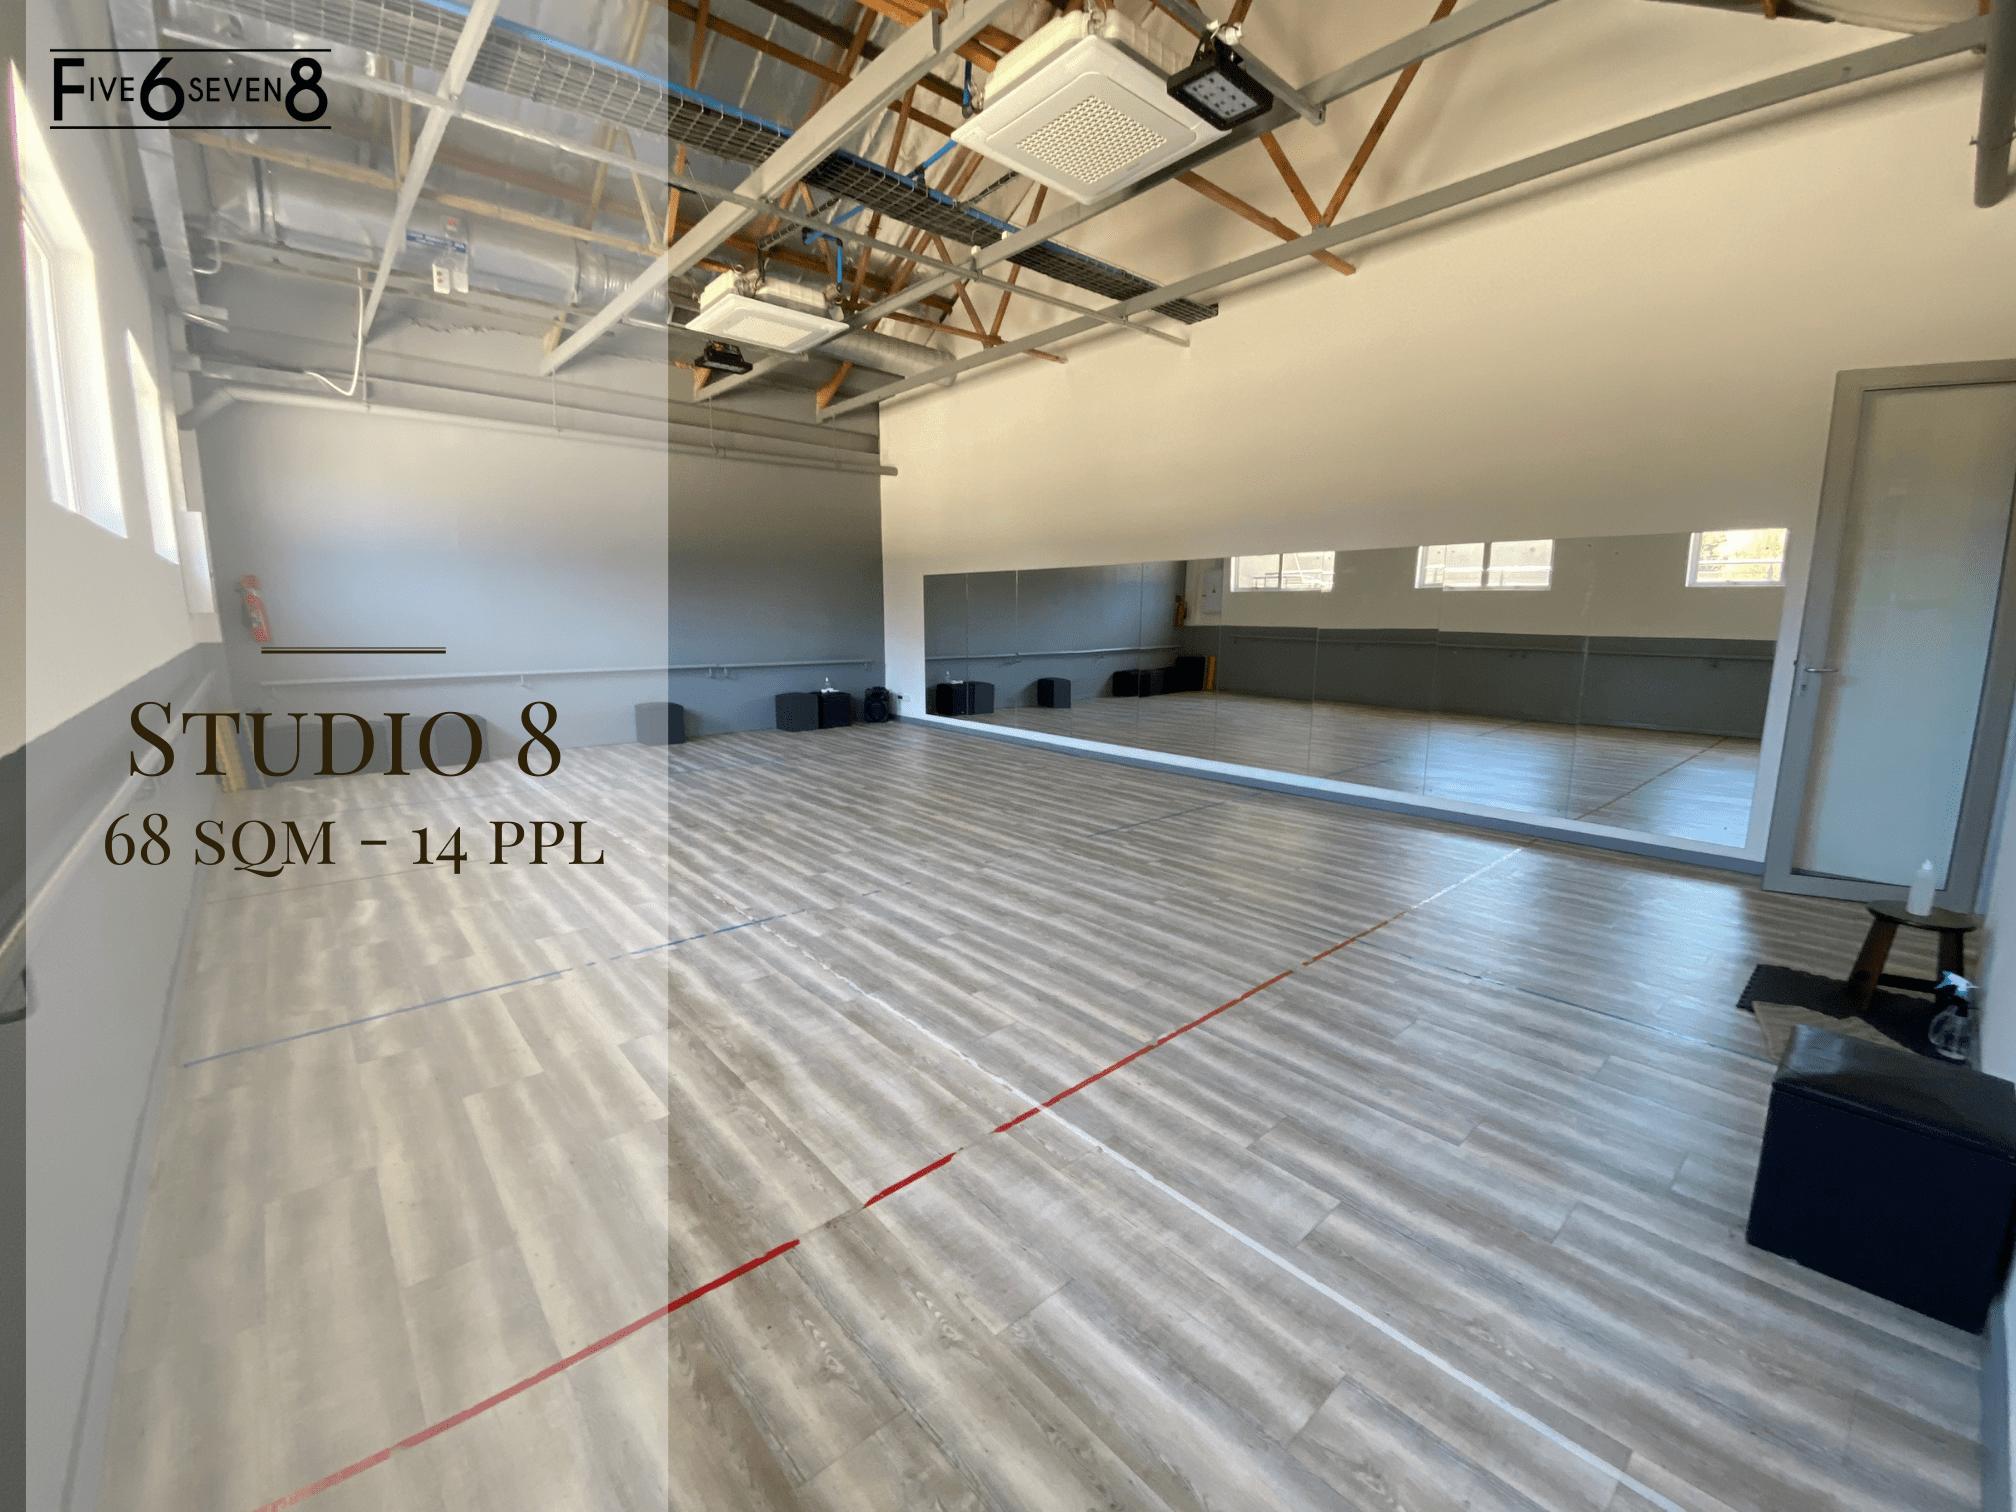 Studio 8 - Venue Hire in Randburg